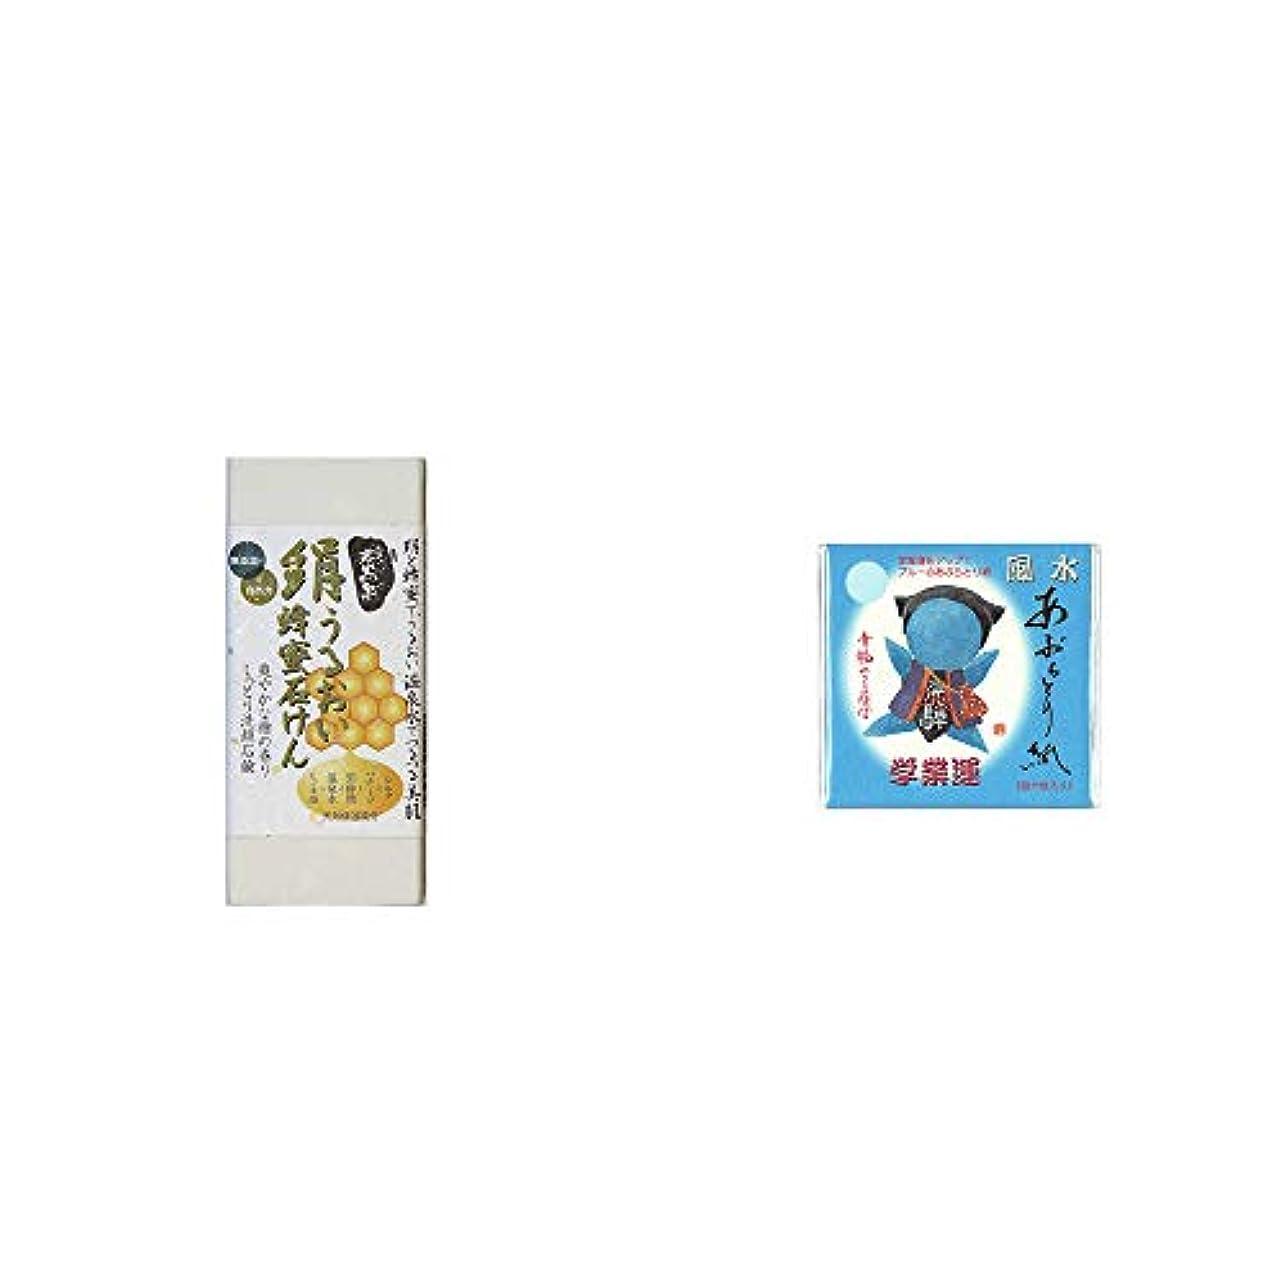 遮る海嶺補充[2点セット] ひのき炭黒泉 絹うるおい蜂蜜石けん(75g×2)?さるぼぼ 風水あぶらとり紙【ブルー】